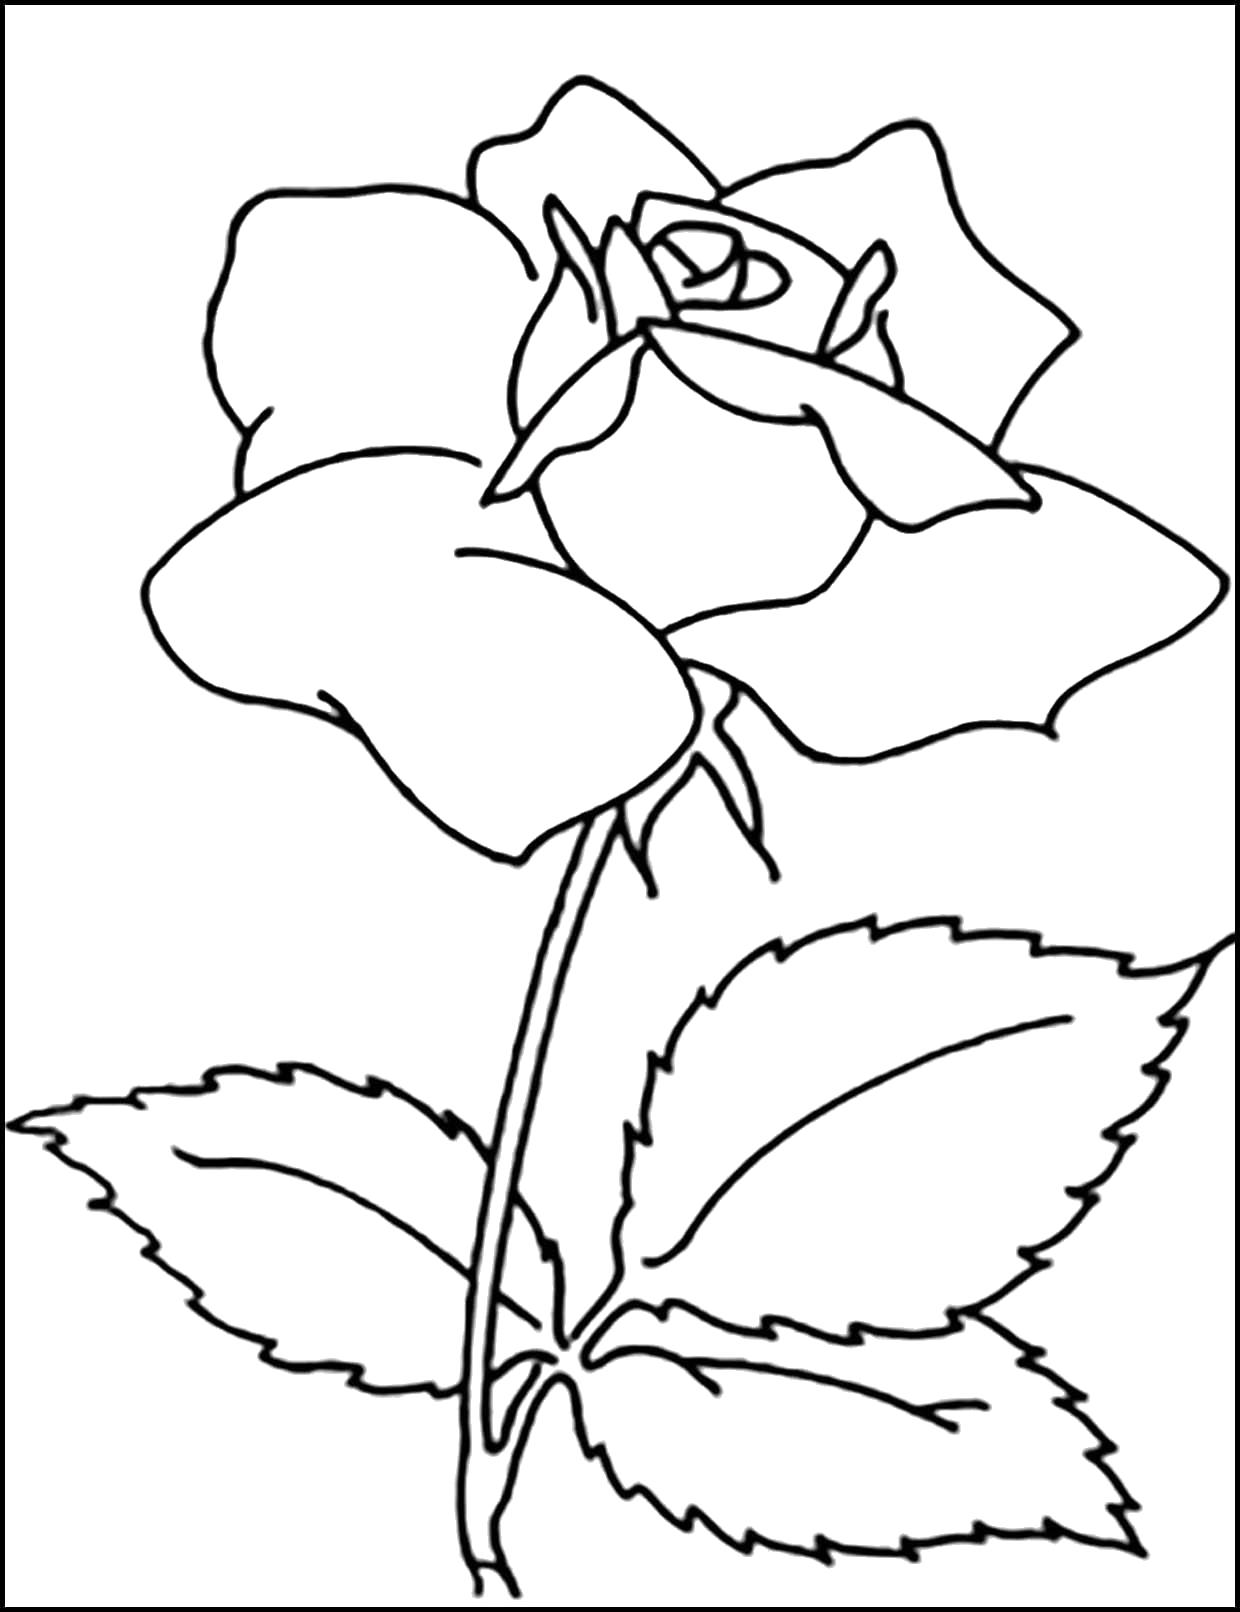 Раскраска  роза. Скачать 8 марта.  Распечатать 8 марта